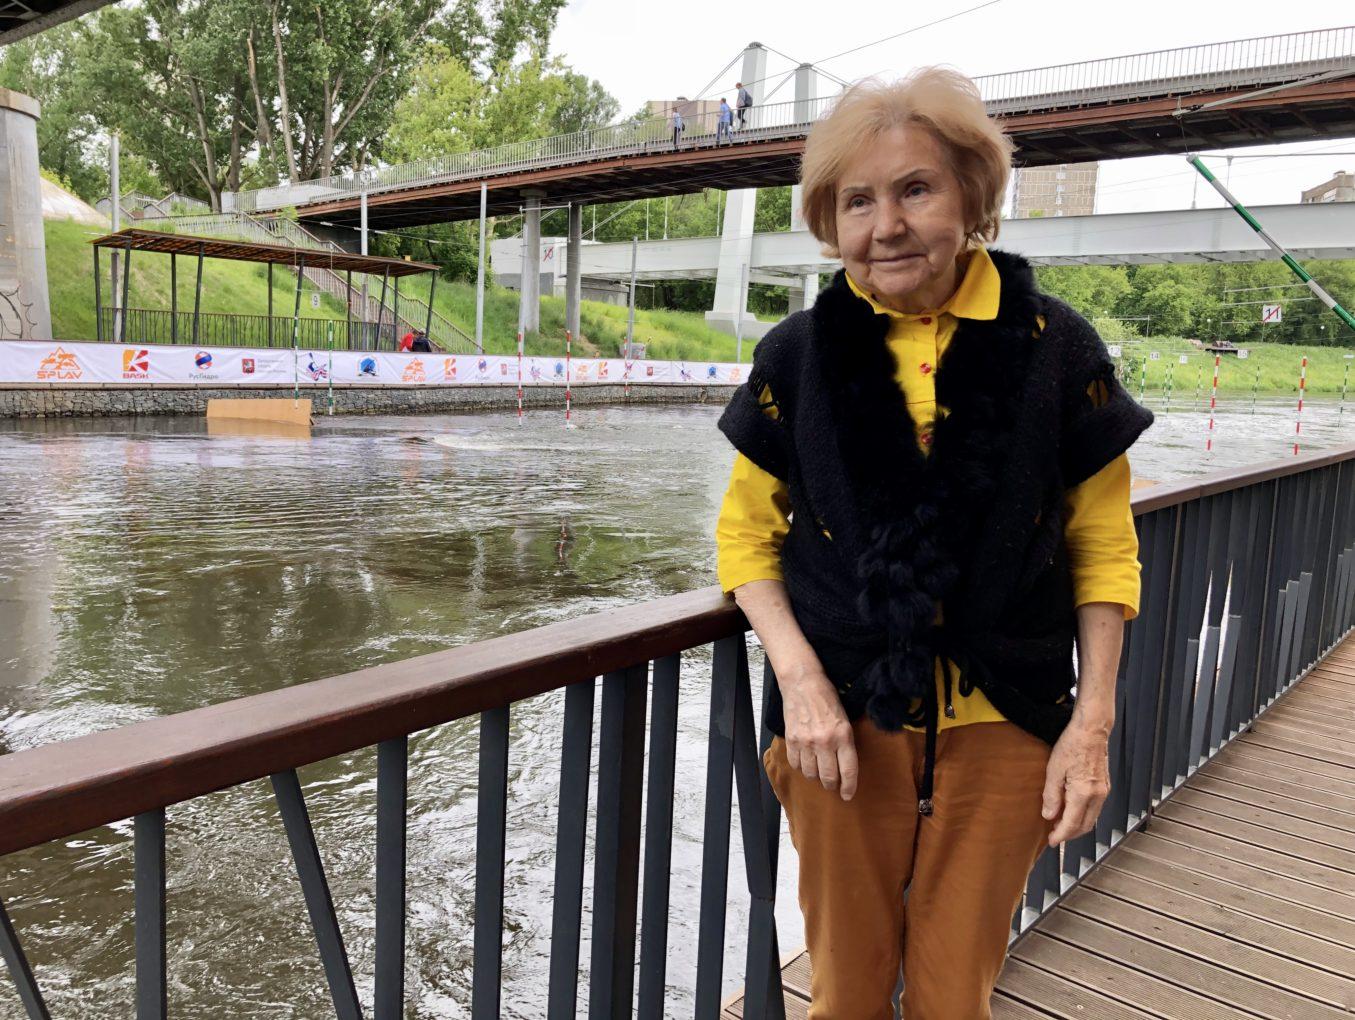 Чемпионат Москвы празднует 40 лет! Соревнования посетила первая чемпионка столицы Антонина Касаткина